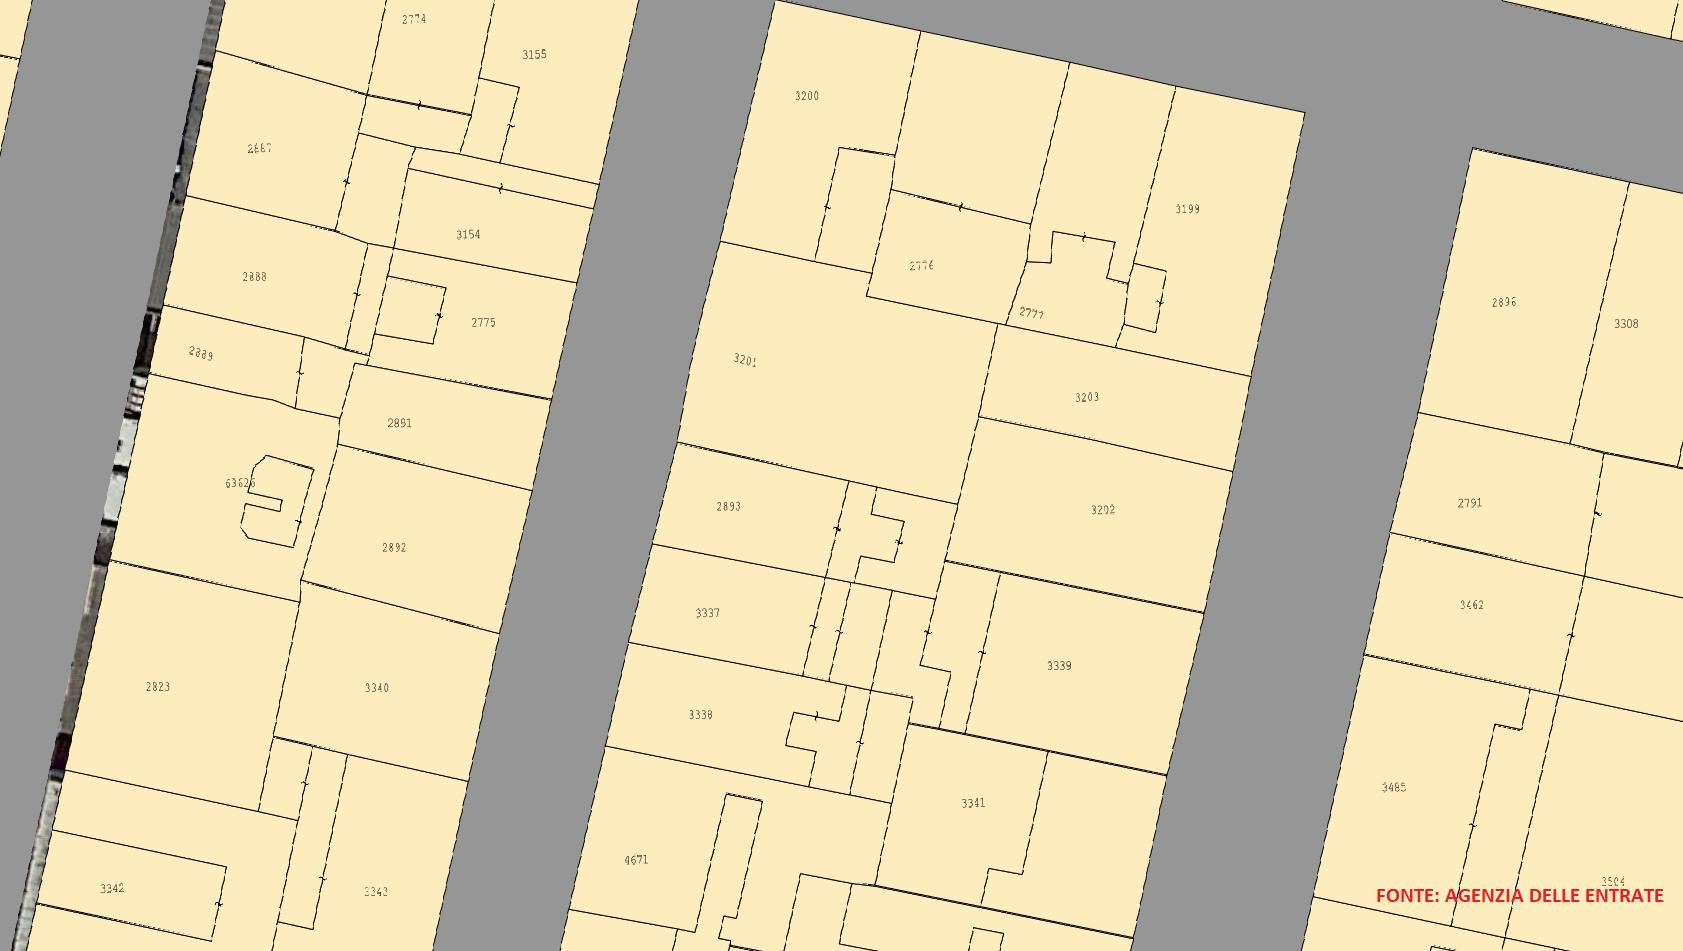 Mappe catastali sempre più aperte e accessibili.